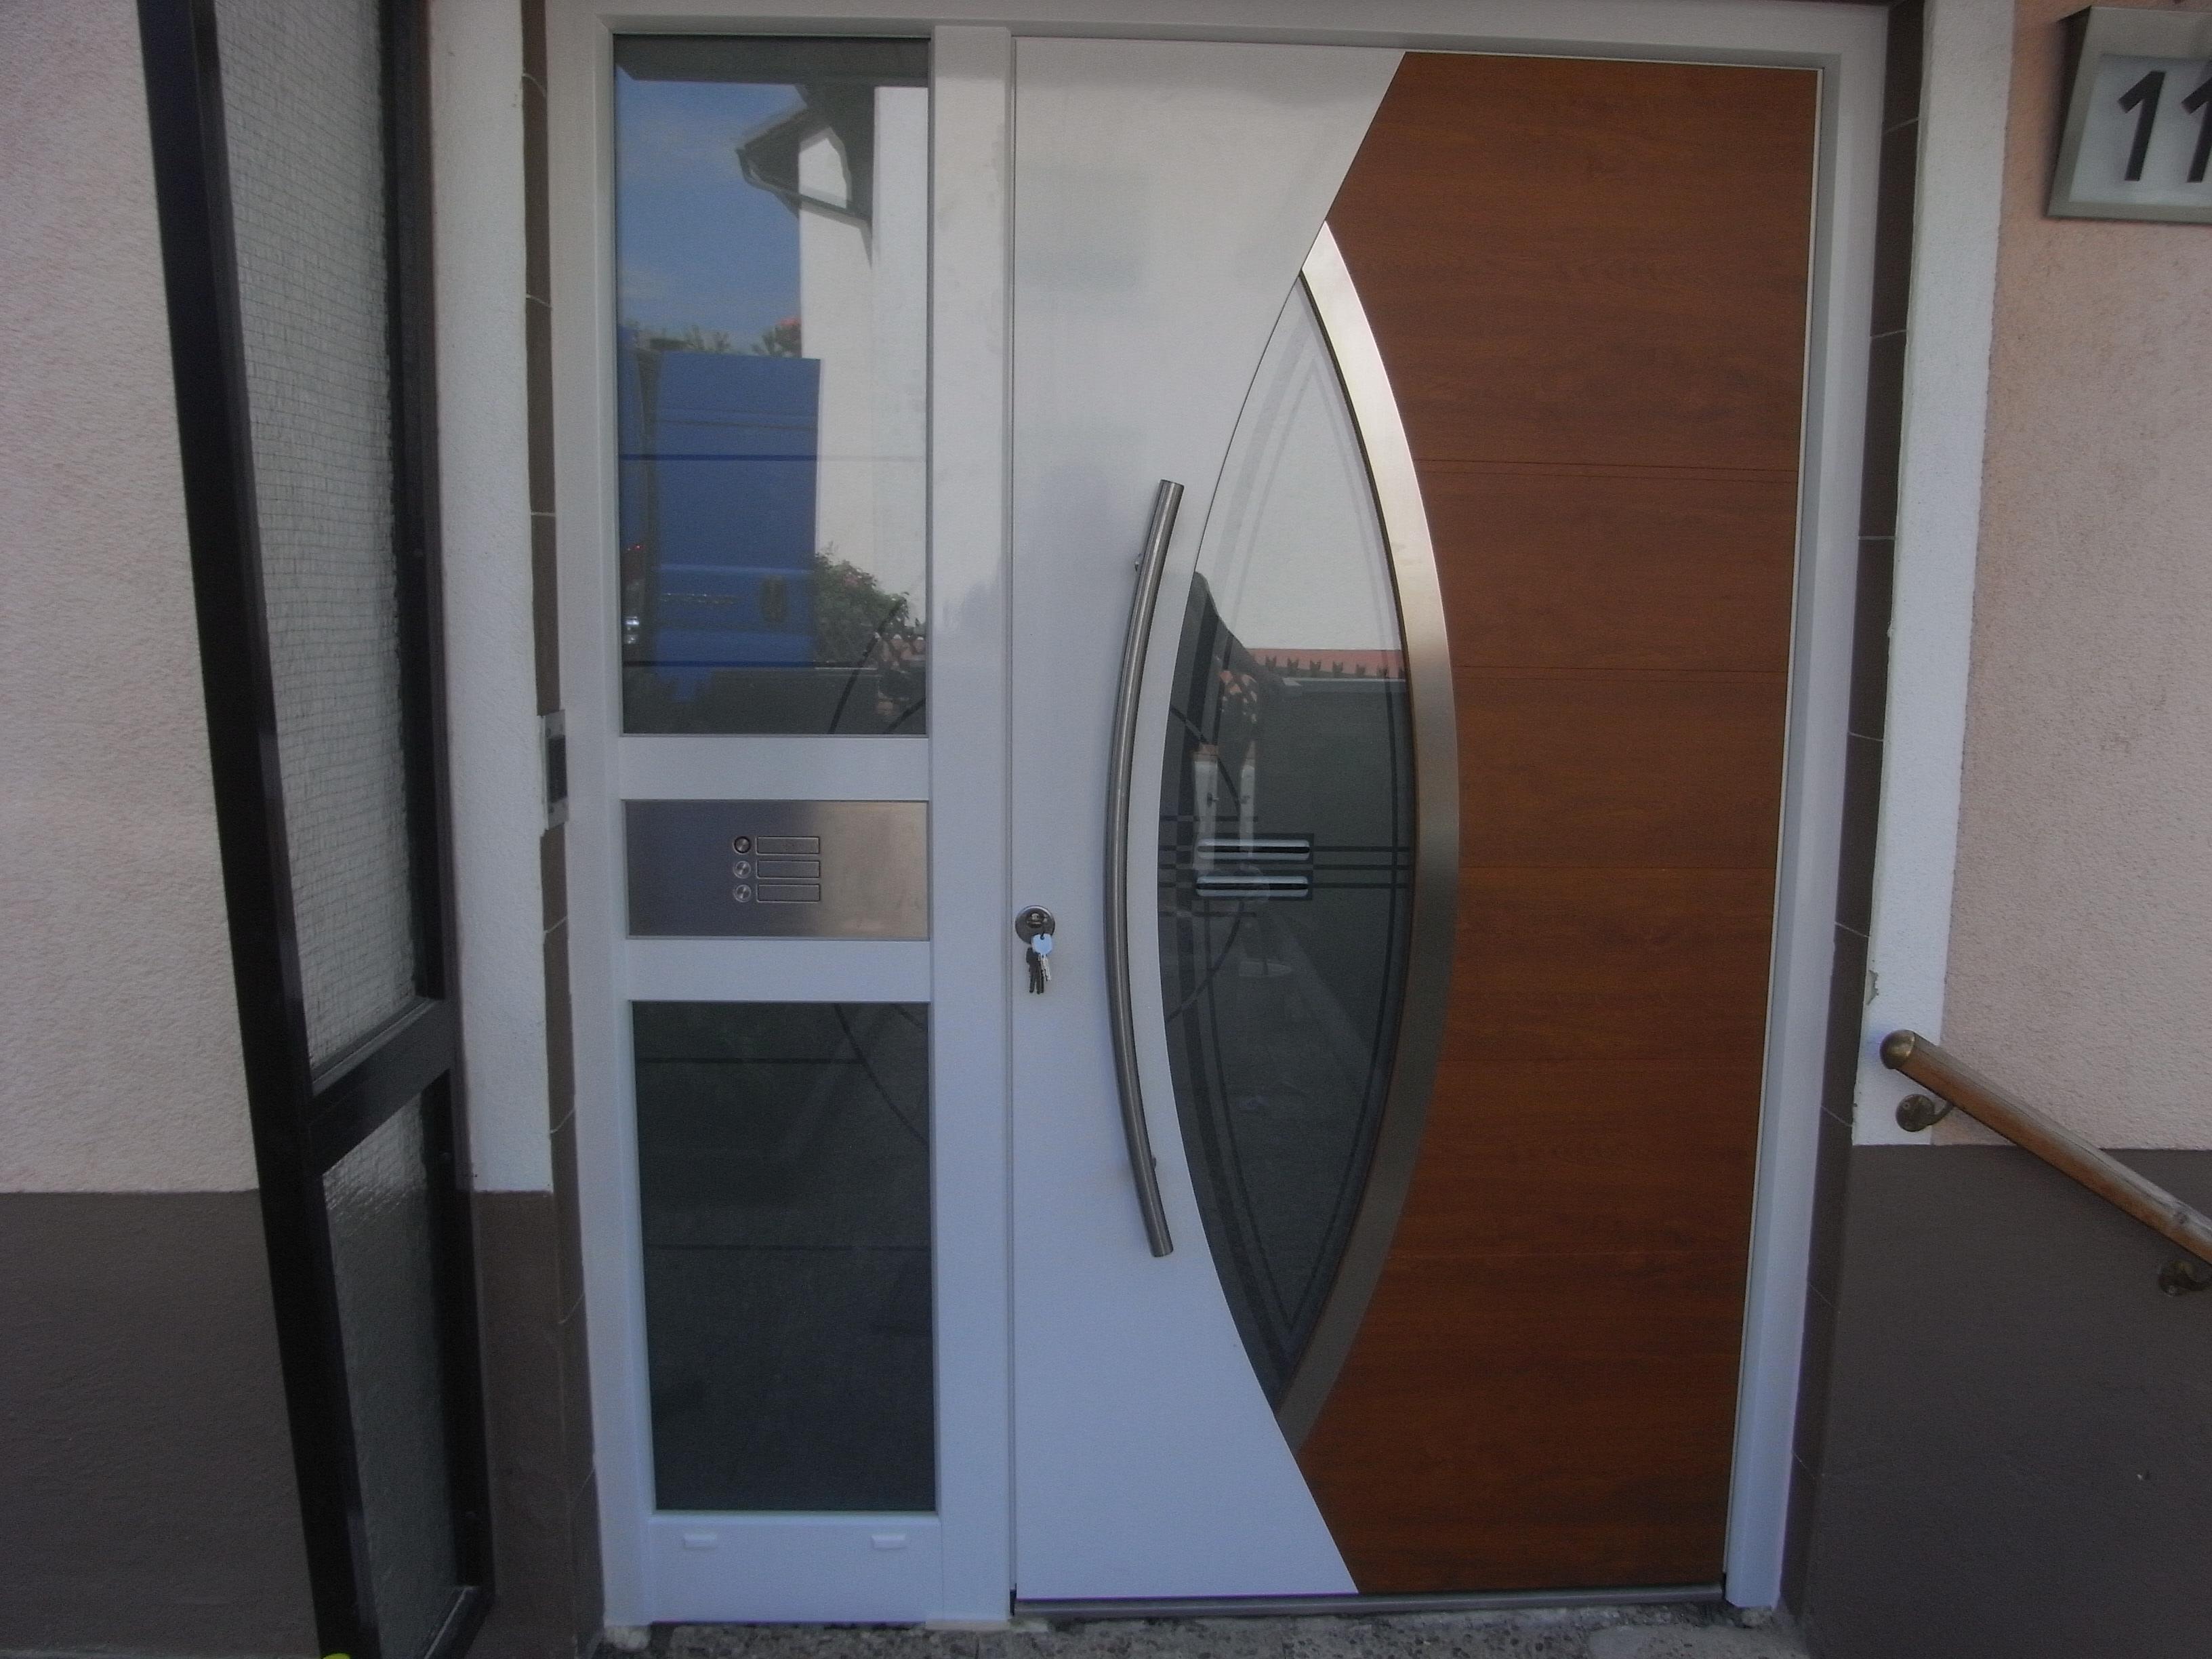 Haustüren mit seitenteil und briefkasten  Galerie - Kategorie: Haustüren - Bild: Sprechanlage mit ...